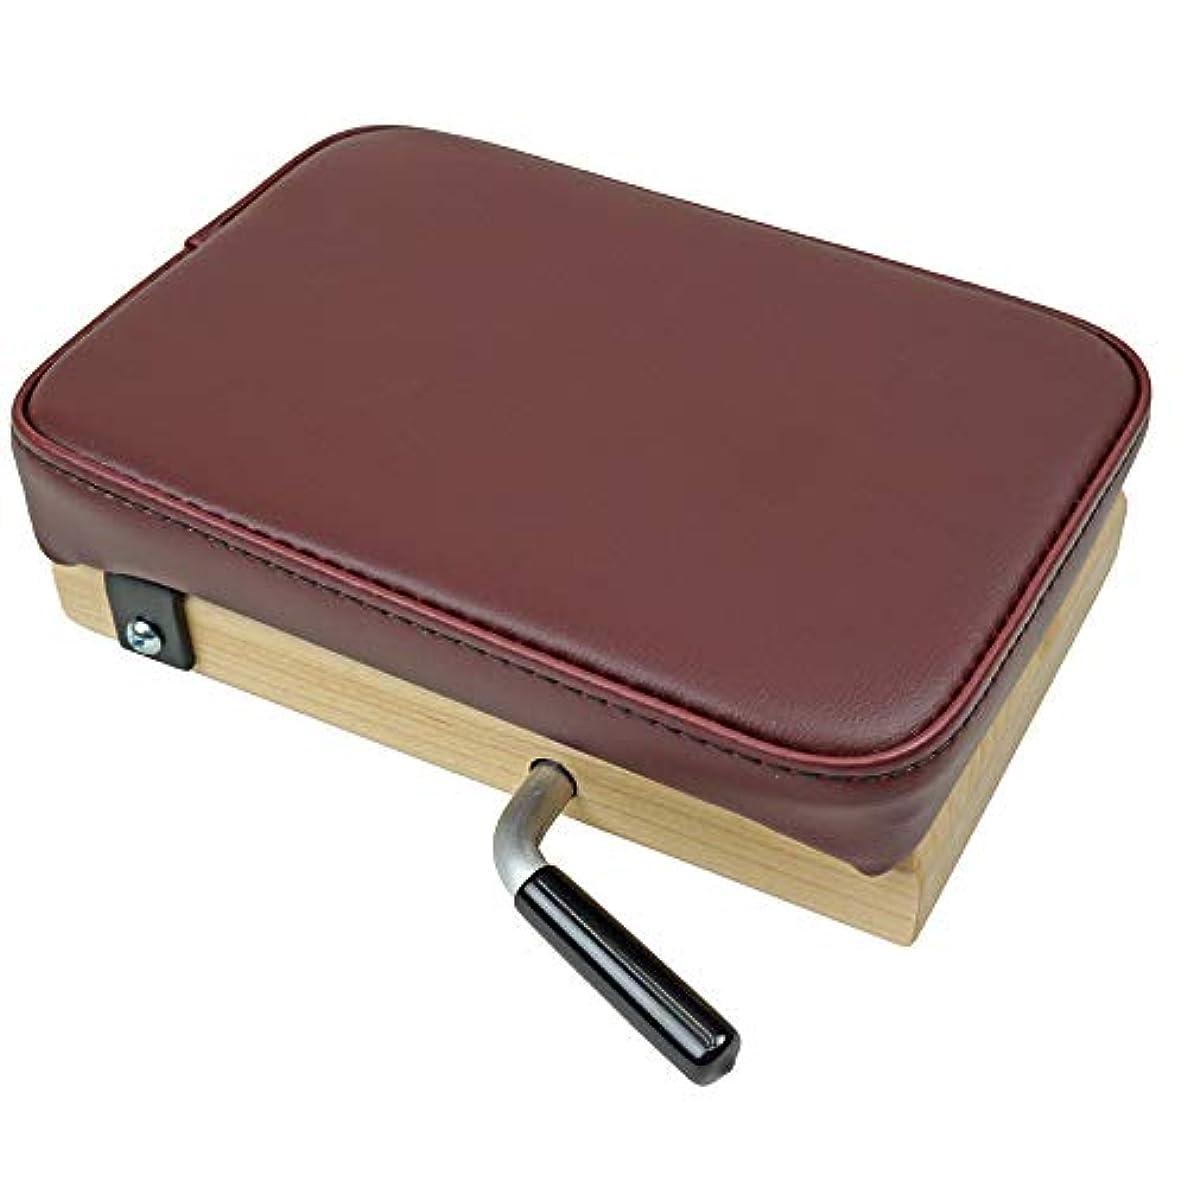 計算すごい販売員THULI TABLE (ツゥーリテーブル) ポータブルドロップB シングルクッション ドロップ 四肢用 手関節 足関節 の アジャストに